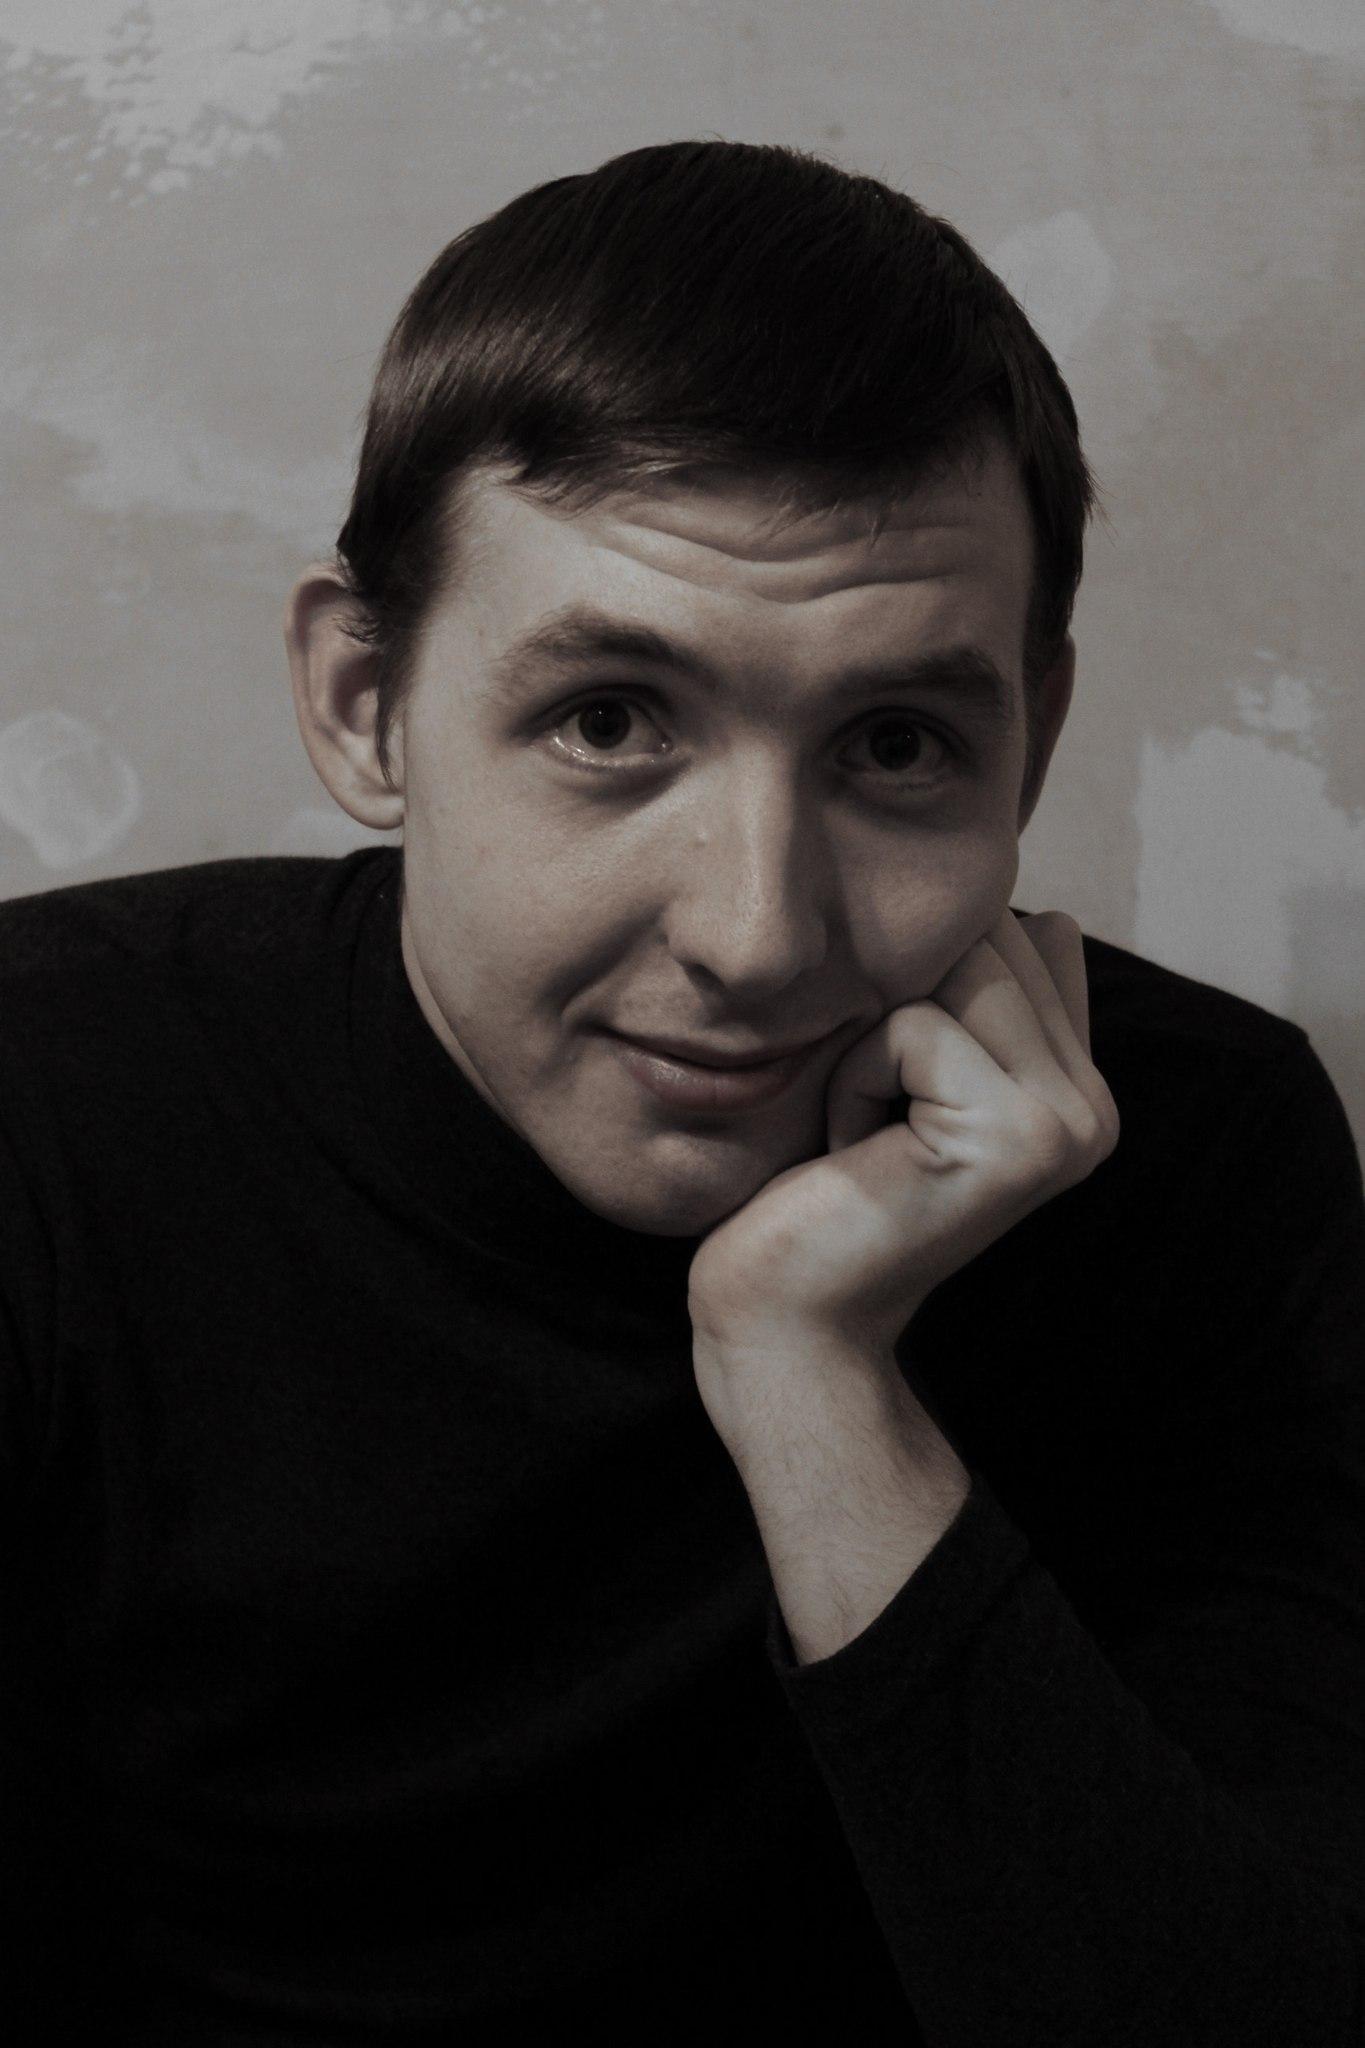 Ачинский драматический театр поздравляет с днём рождения своего артиста Владимира Иноземцева 4